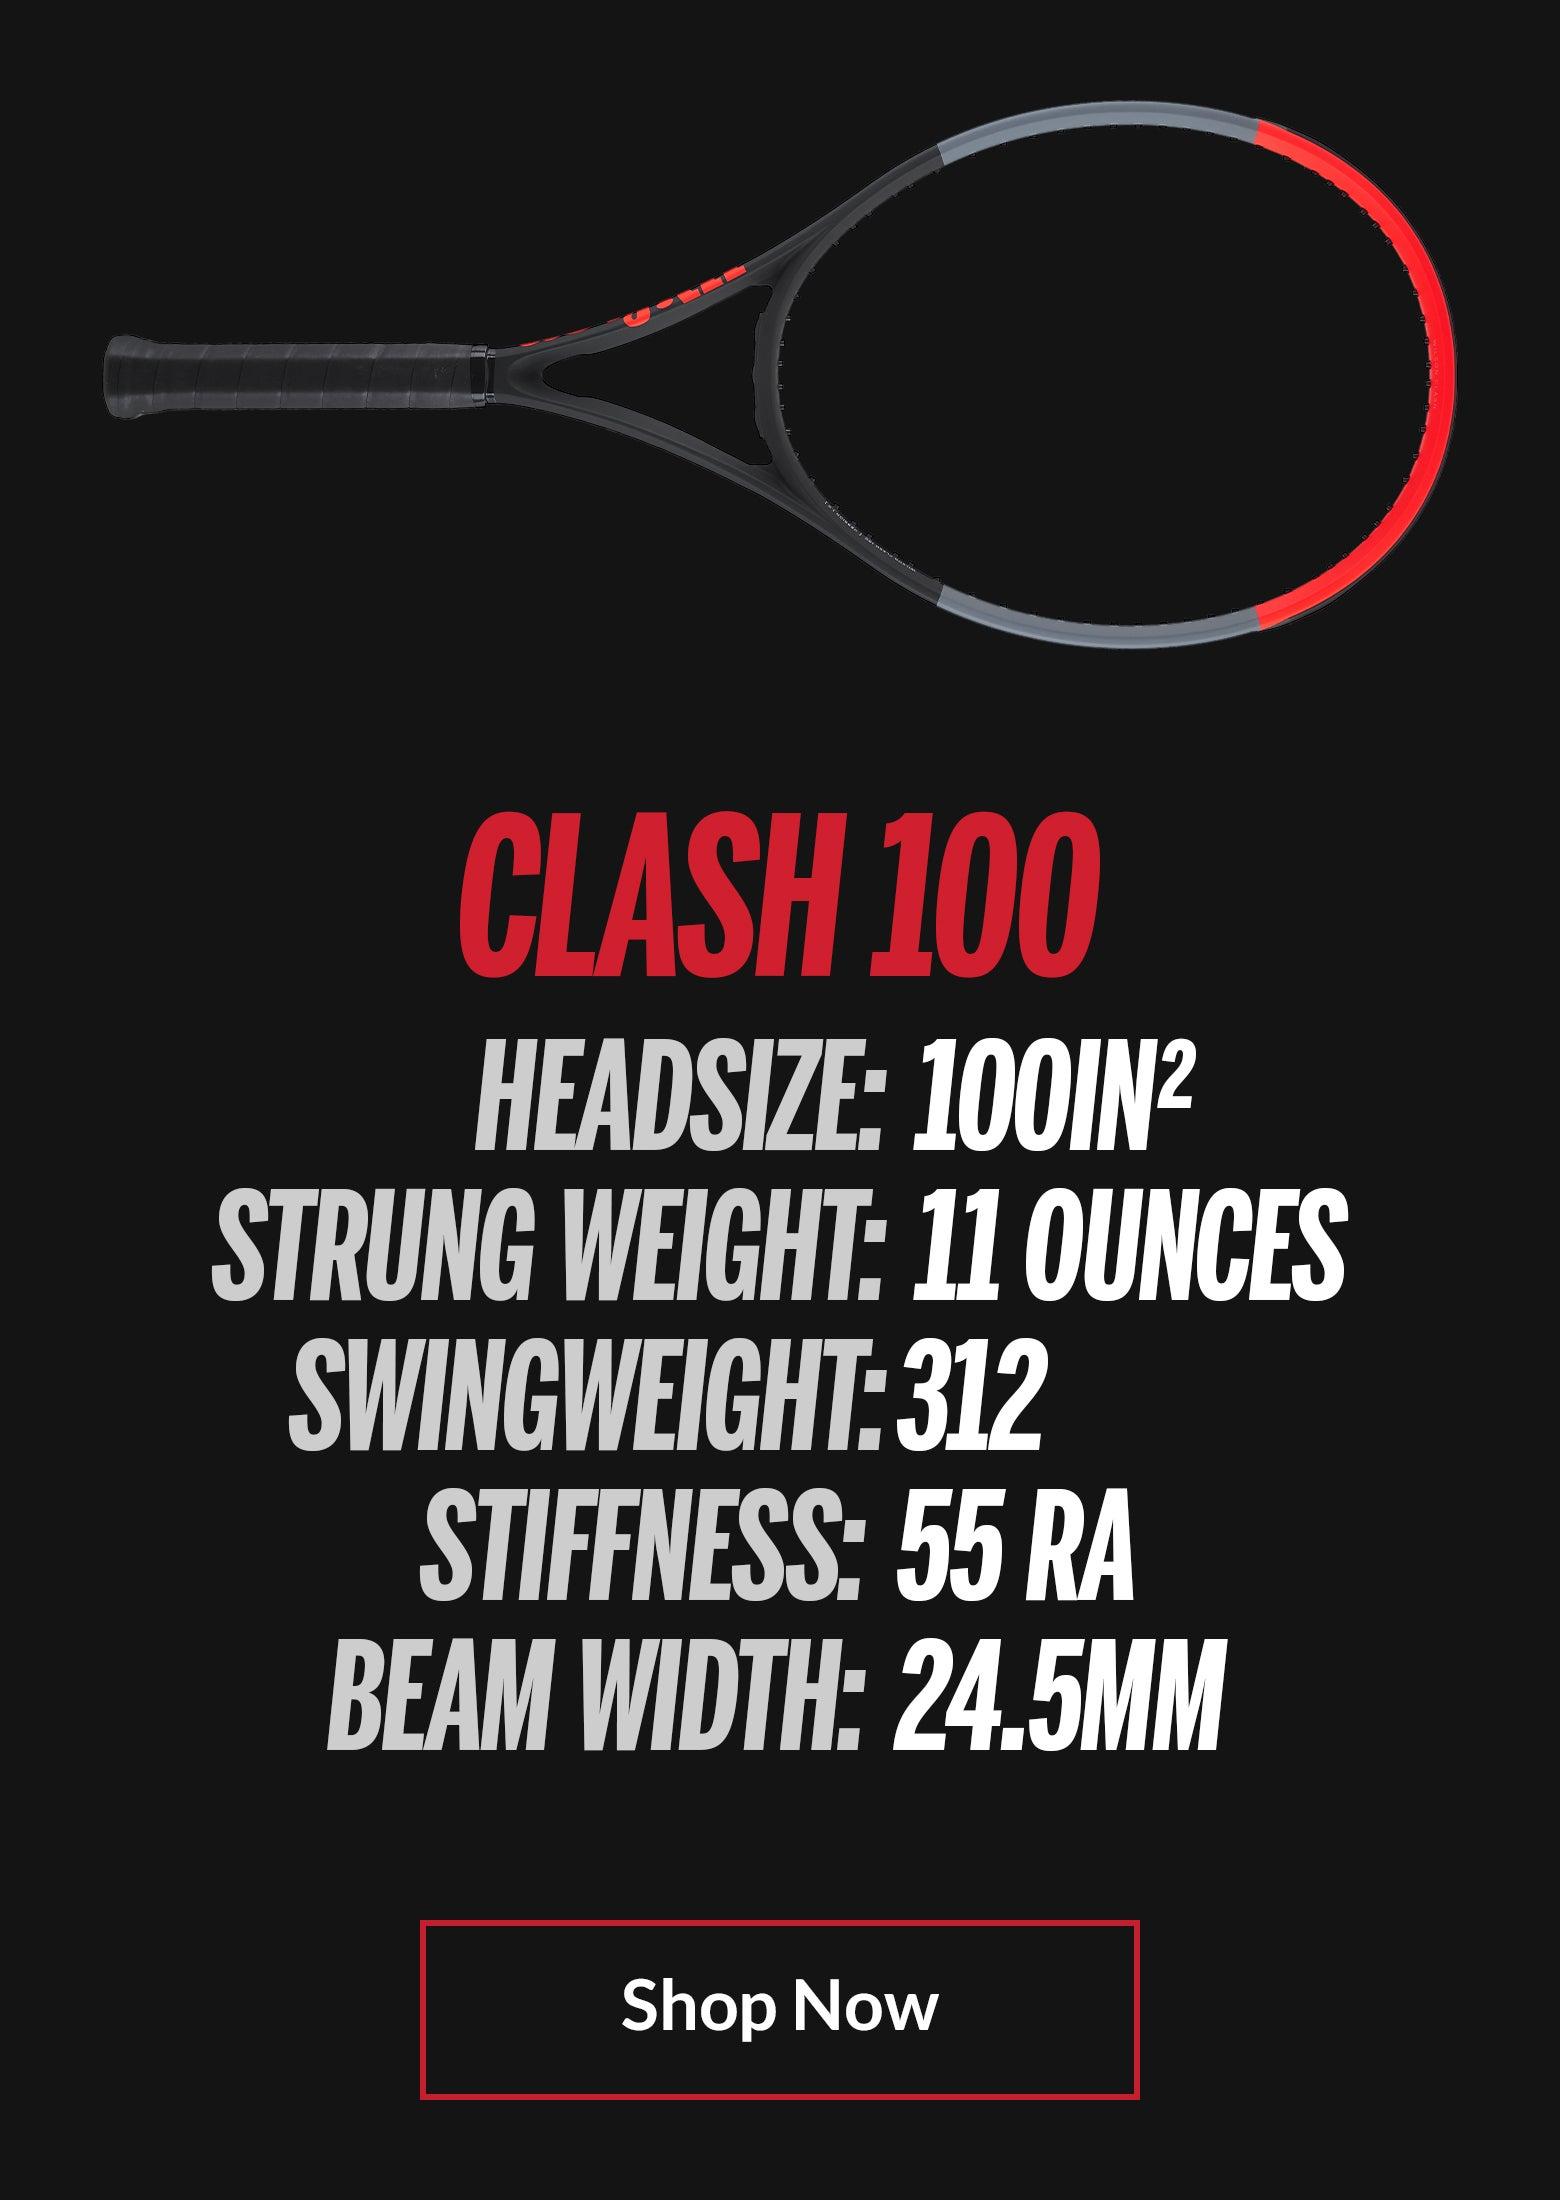 Clash 100 Specs